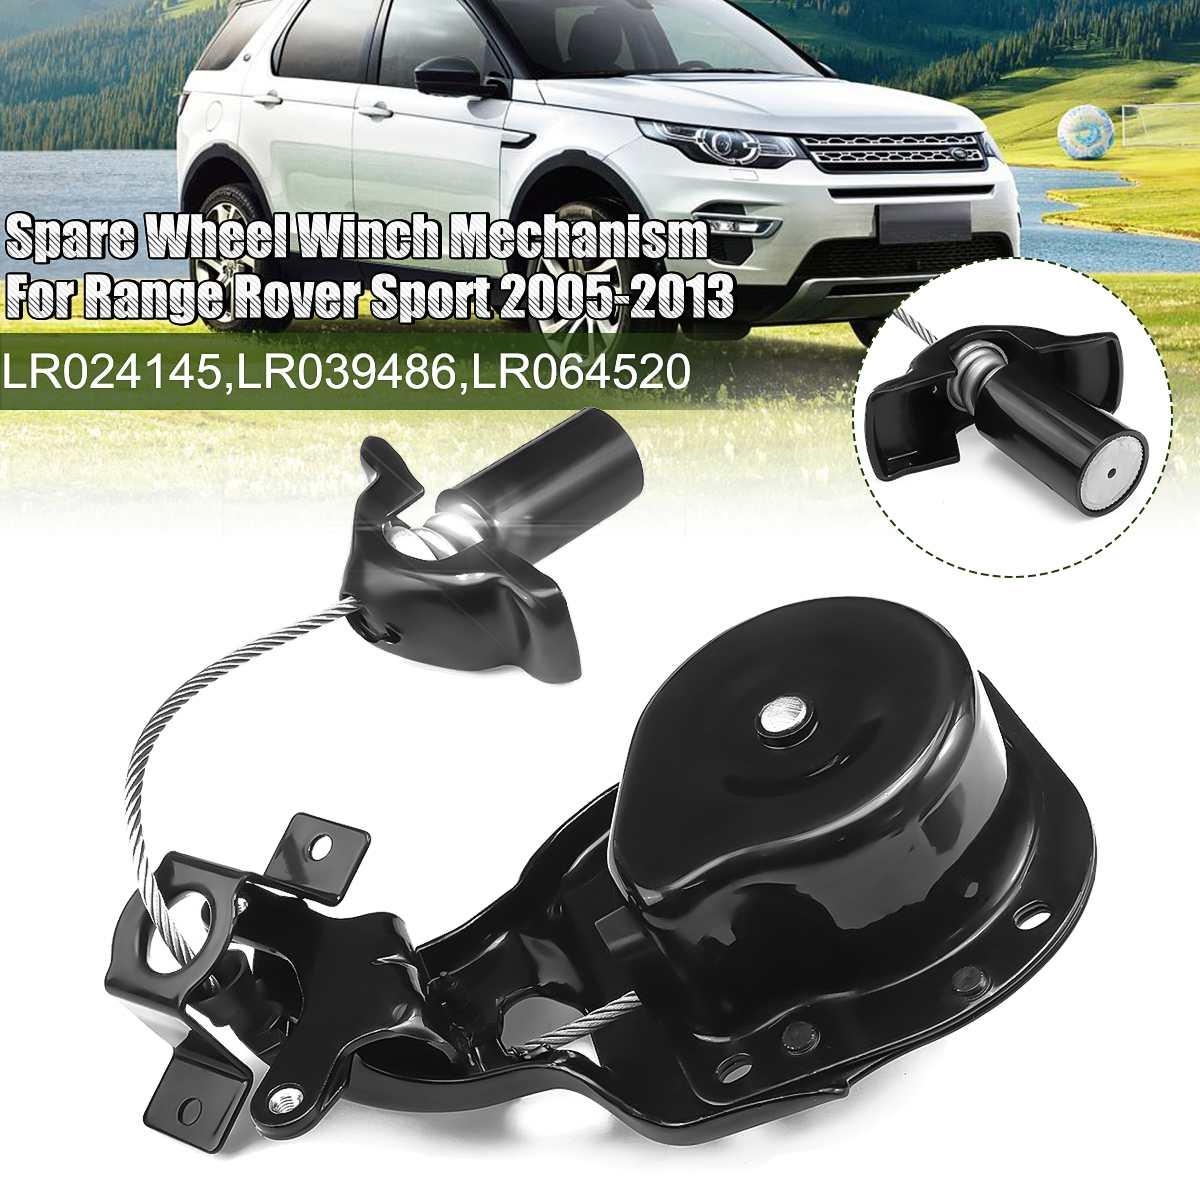 LR024145 treuil de secours pour voiture treuil de secours pour Land Rover Discovery 3 4 2004-2013 pour Range Rover Sport 2005-2013